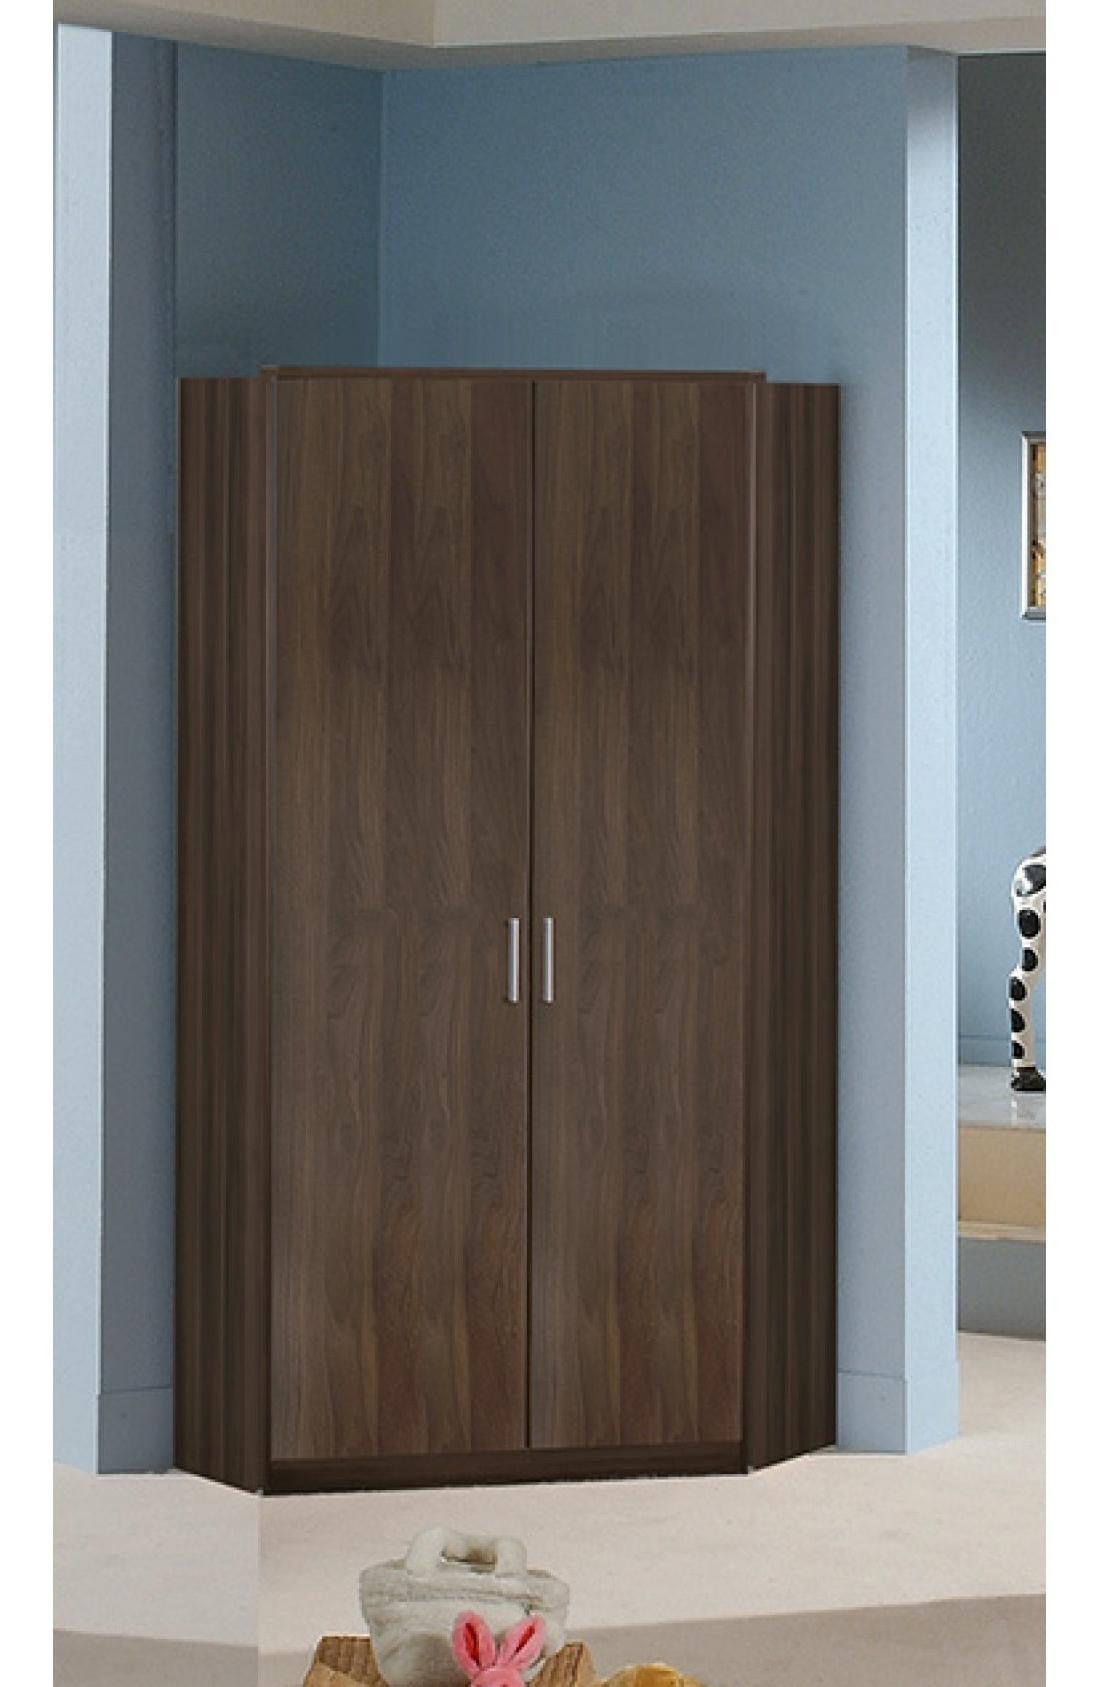 Favorite Slumberhaus 'berlin' German Made Modern Walnut 2 Door Corner Wardrobe Regarding 2 Door Corner Wardrobes (View 4 of 15)